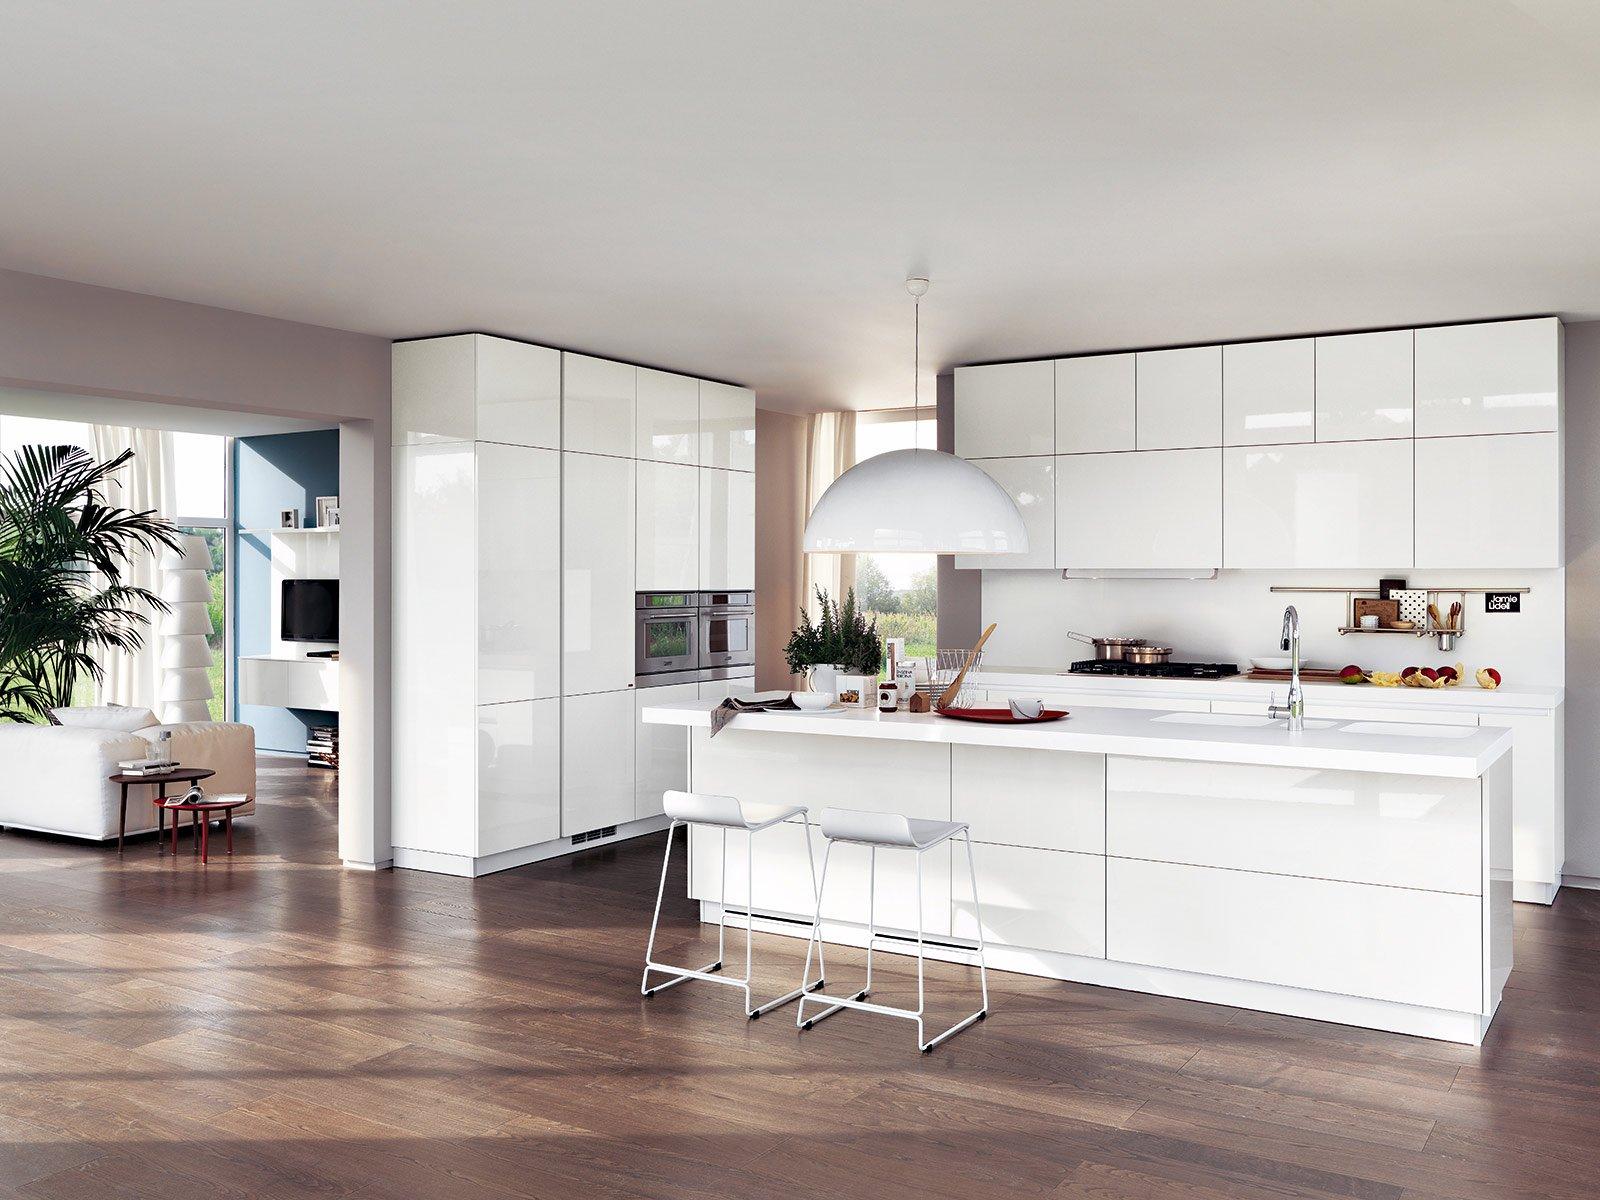 Cucina la voglio tutta bianca cose di casa - Cucine con isola ...